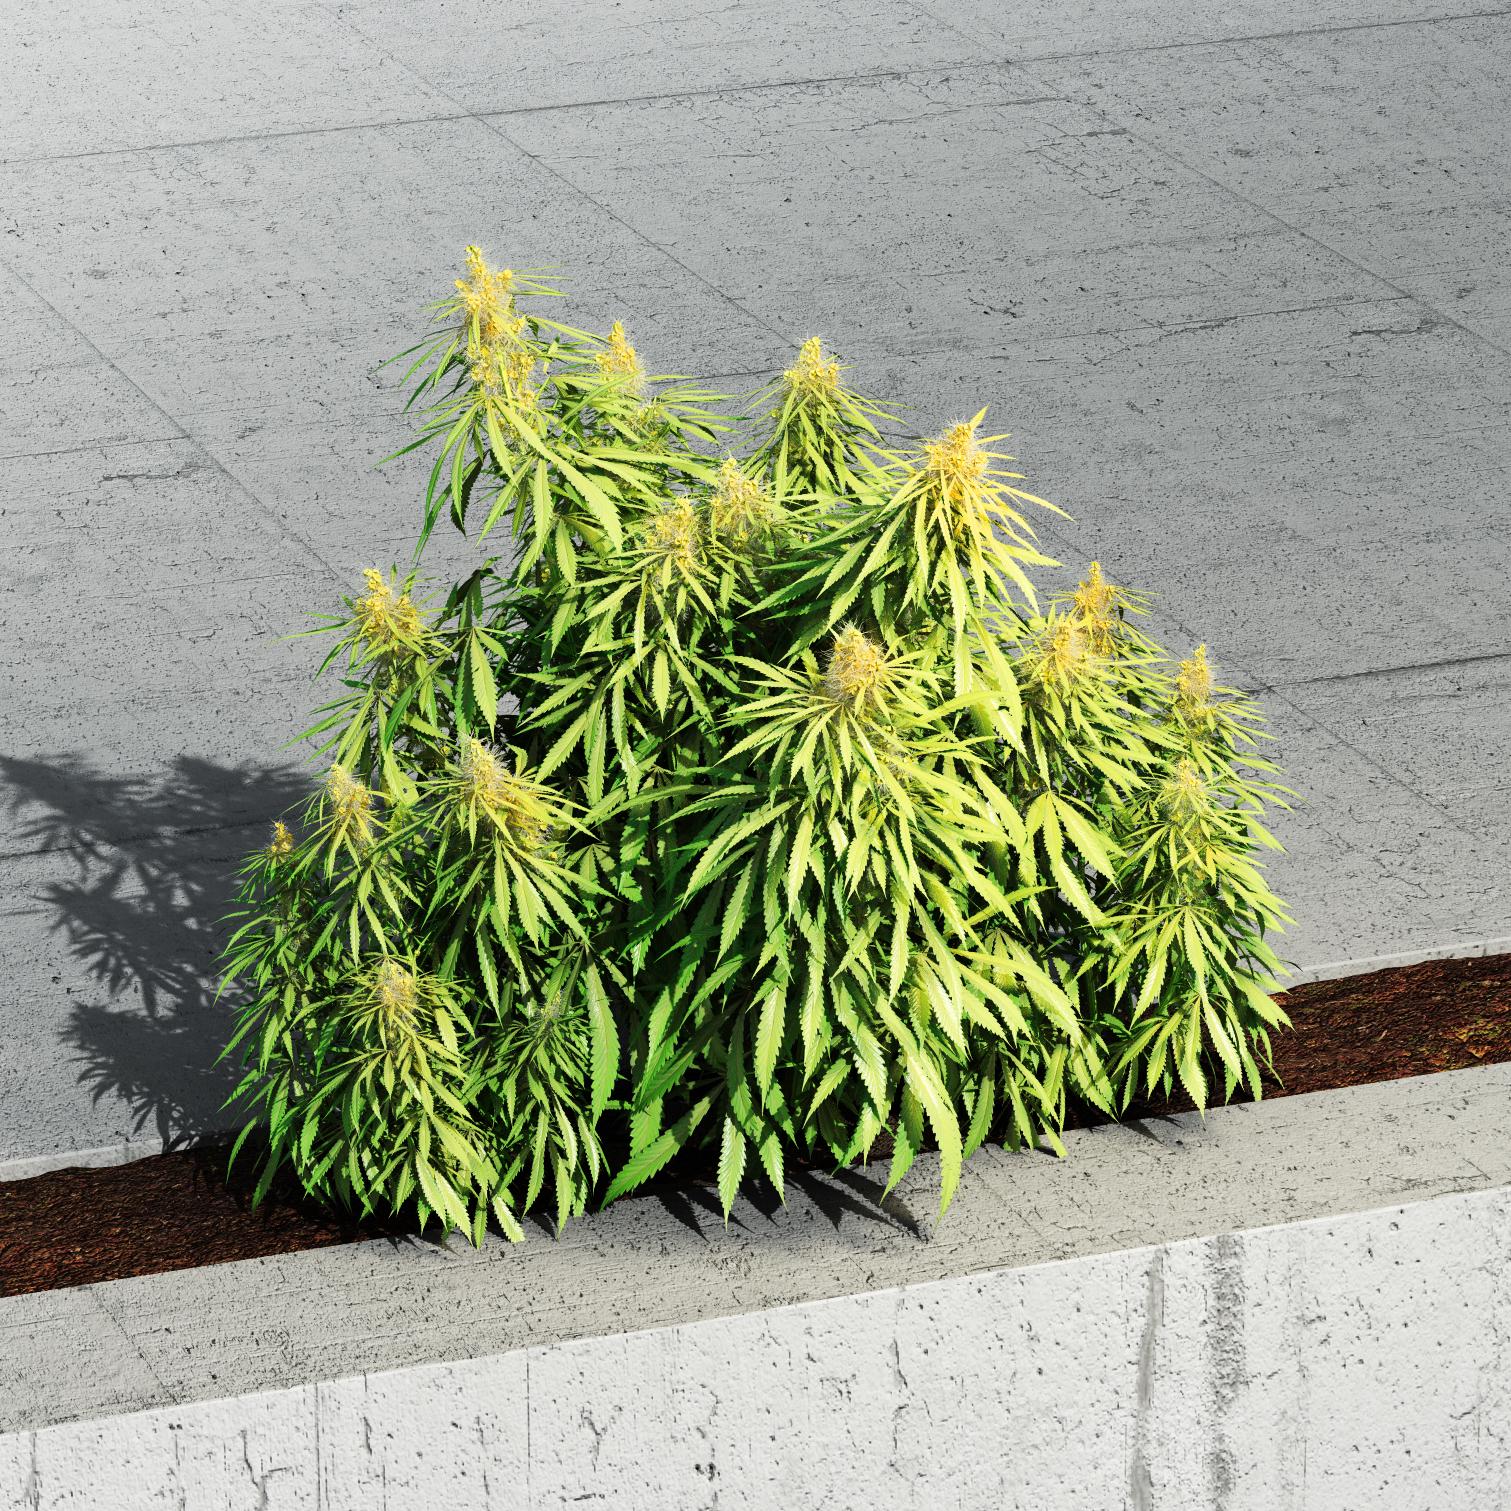 YIPPIEHEY_BilanzEditorial_Cannabis